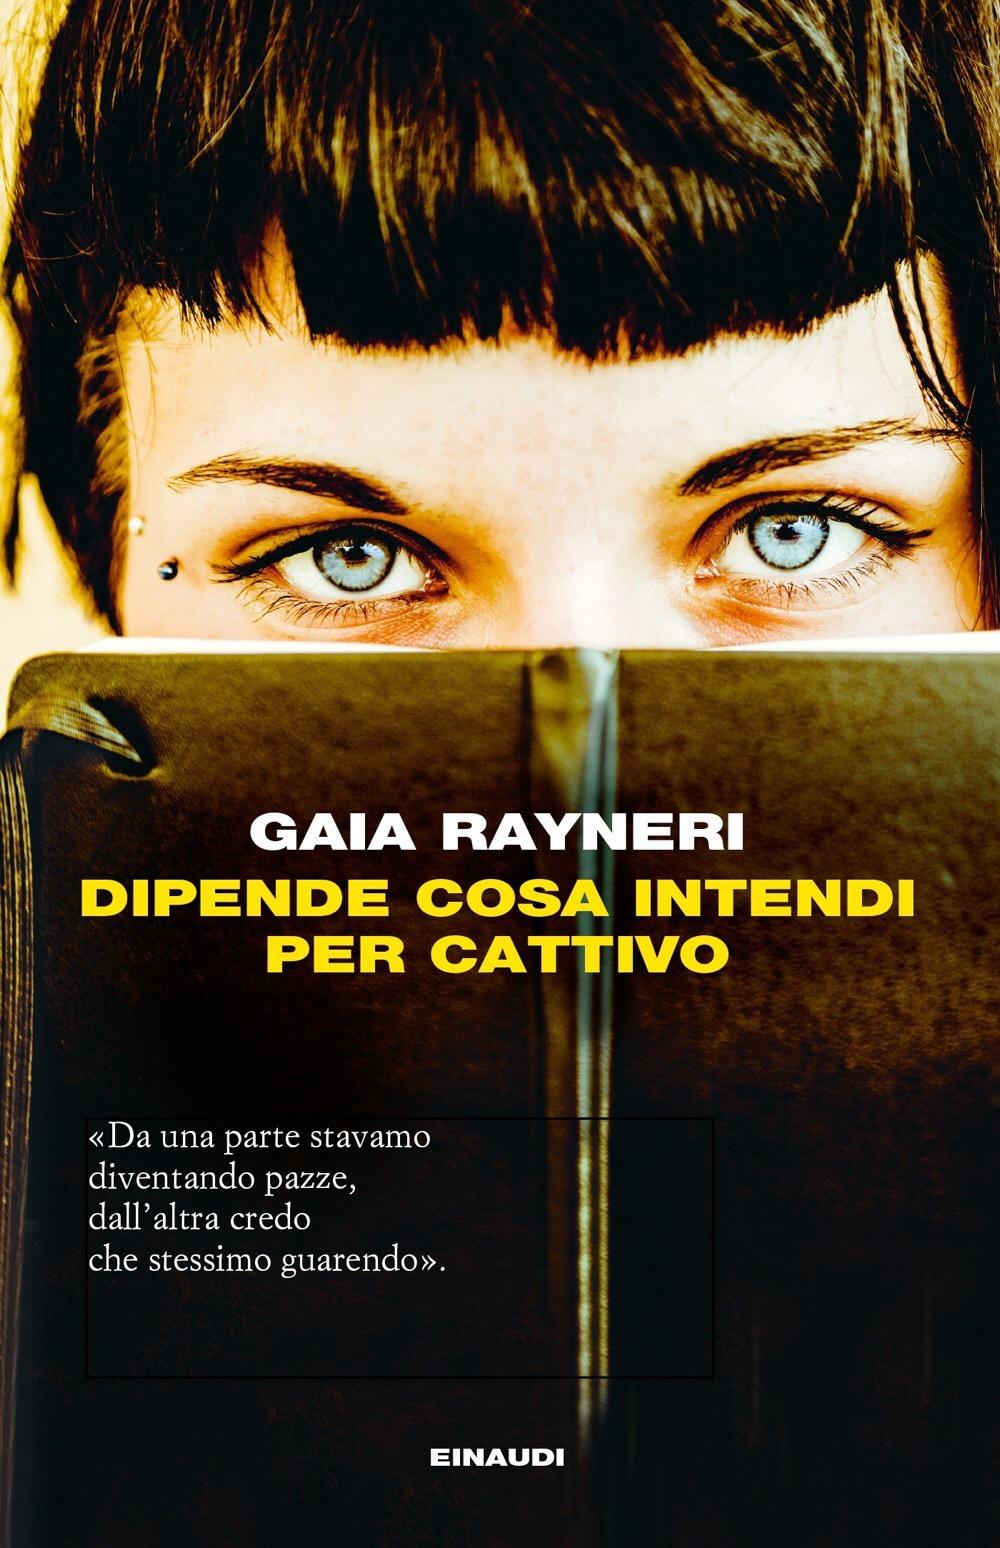 DIPENDE COSA INTENDI PER CATTIVO di Gaia Rayneri, Einaudi,